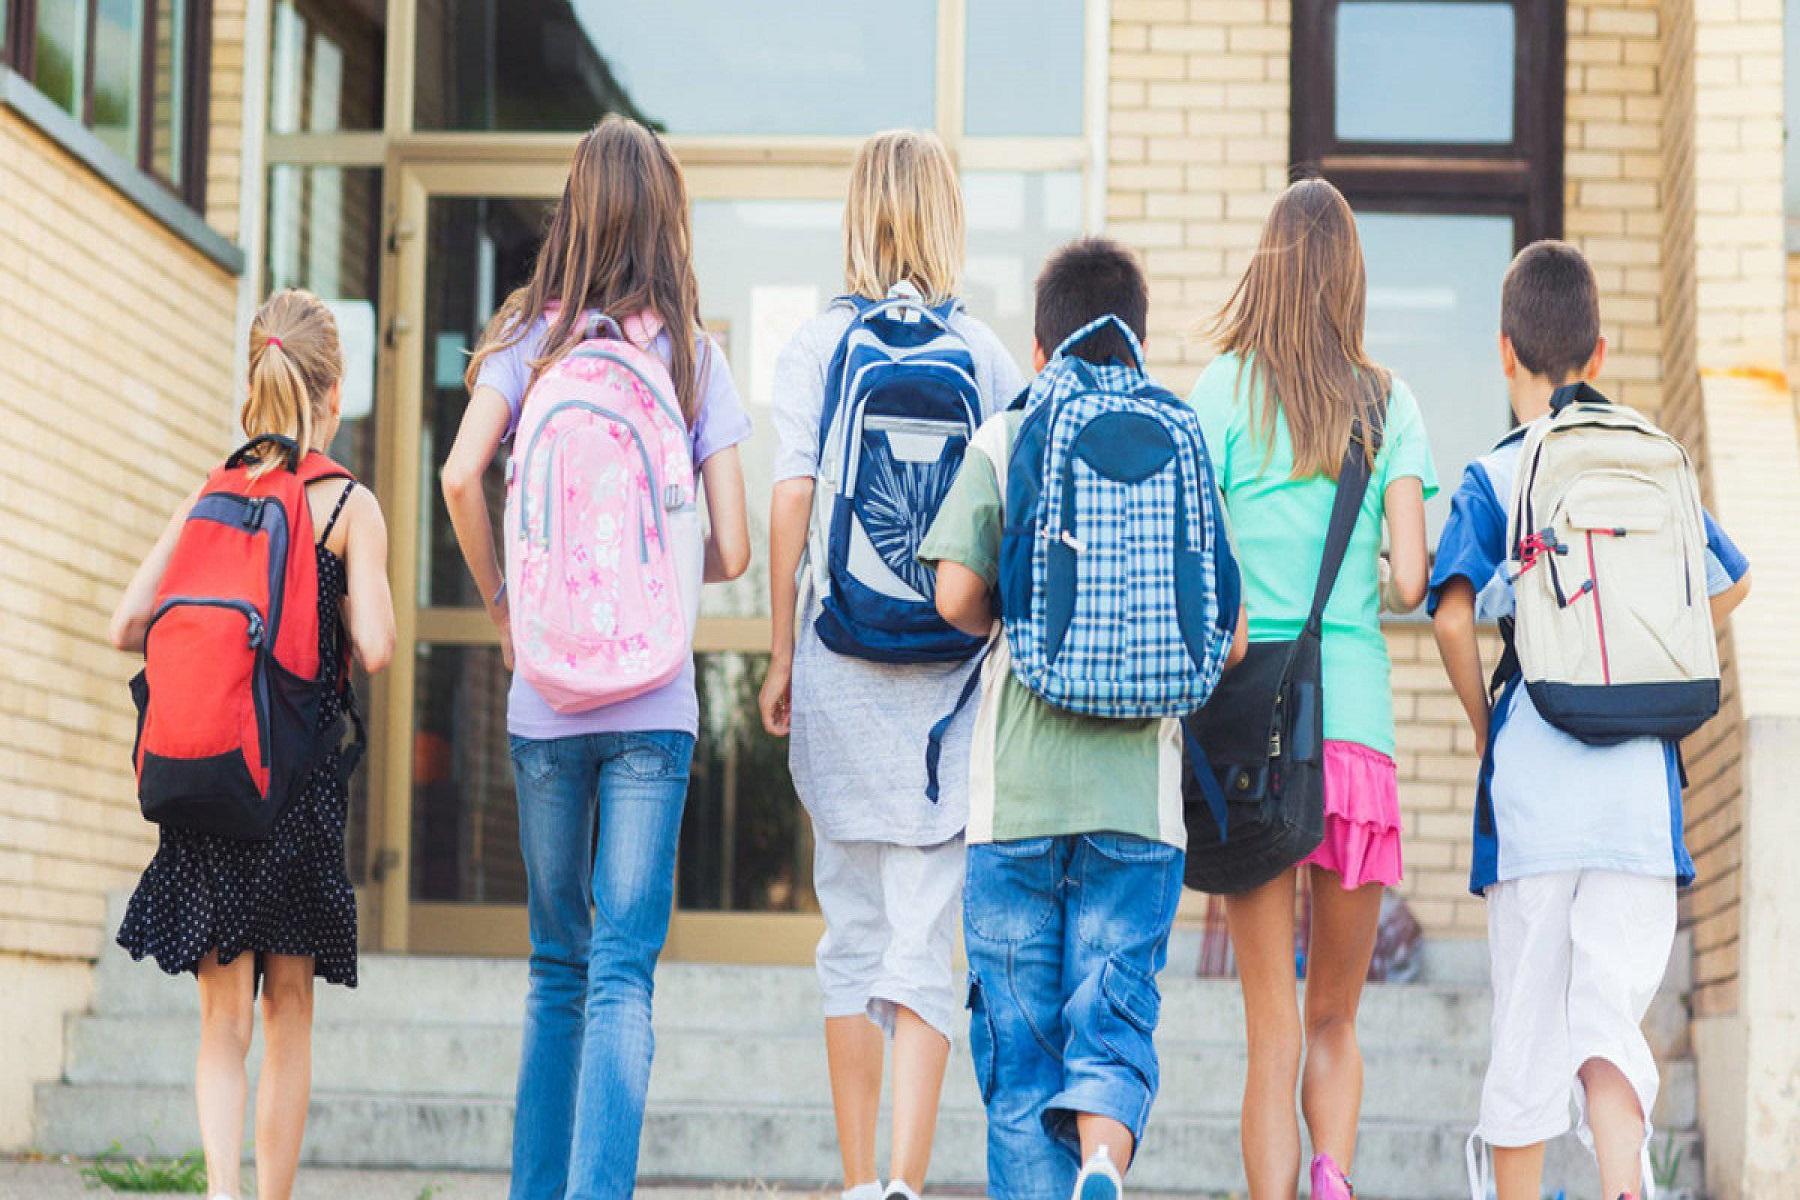 Μαρία Μοντεσσόρι: Τρόποι για να αποφεύγετε τους πρωινούς καβγάδες πριν το σχολείο